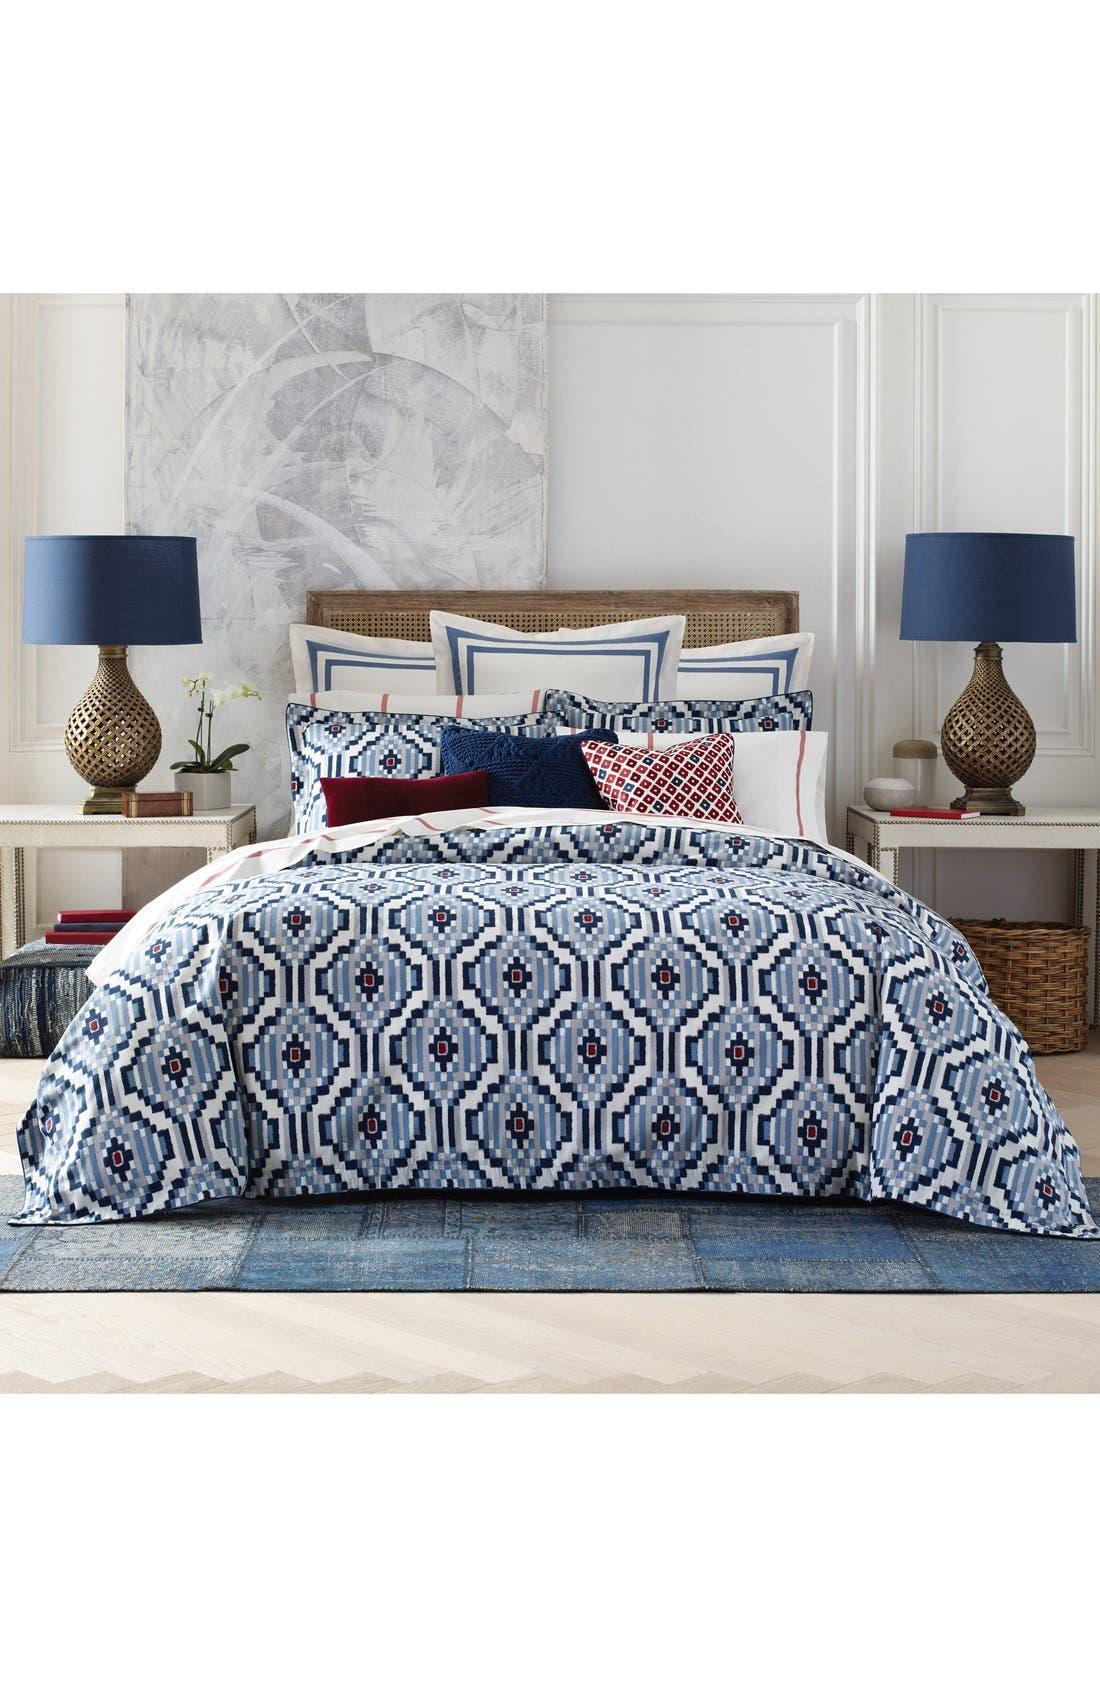 Main Image - Tommy Hilfiger Ellis Island Comforter & Sham Set